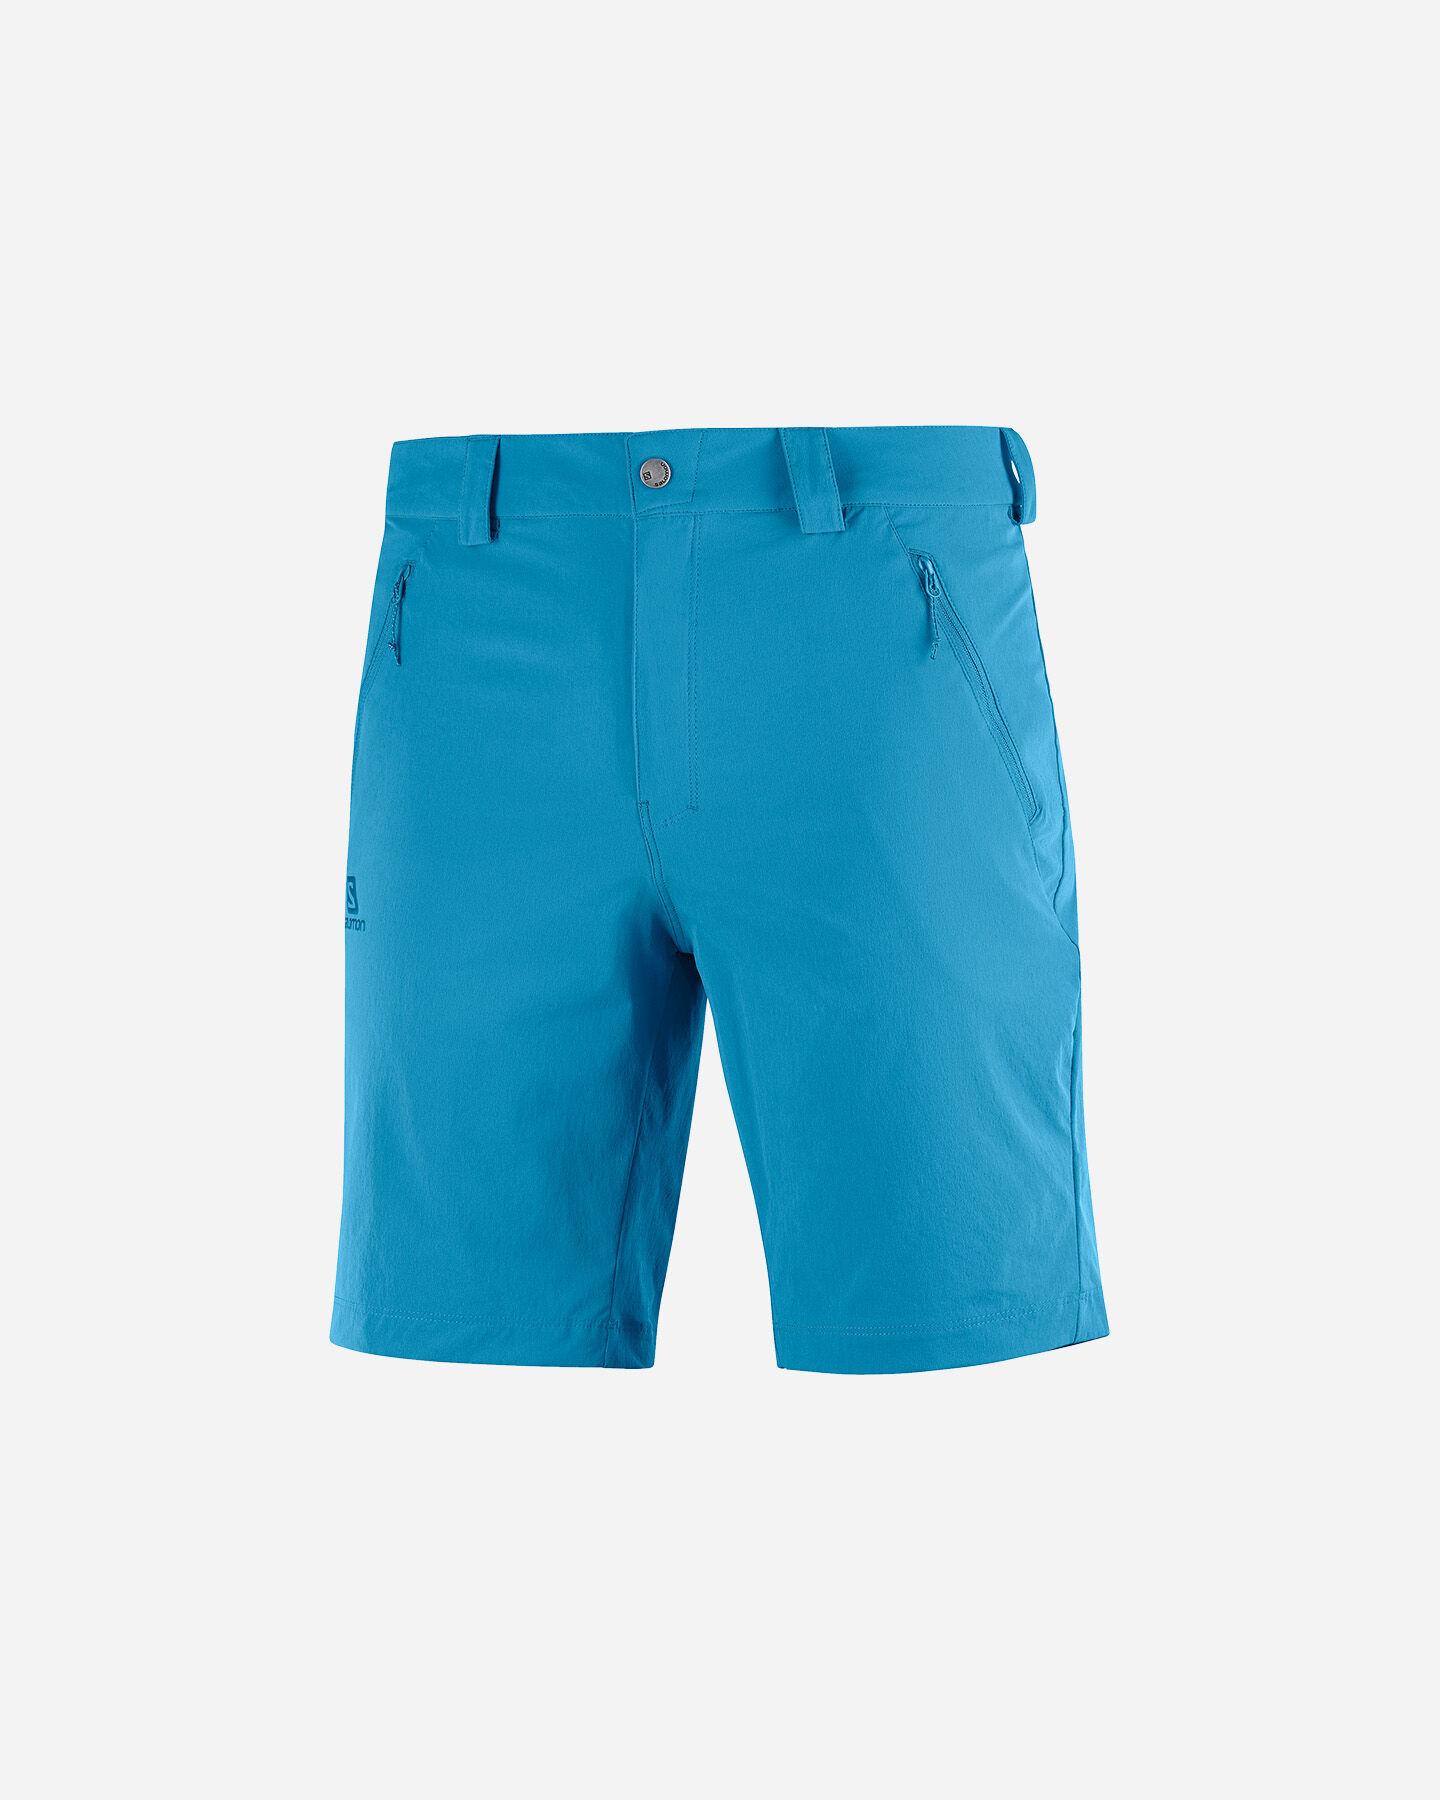 Pantaloncini SALOMON WAYFARER LT M S5173976 scatto 0